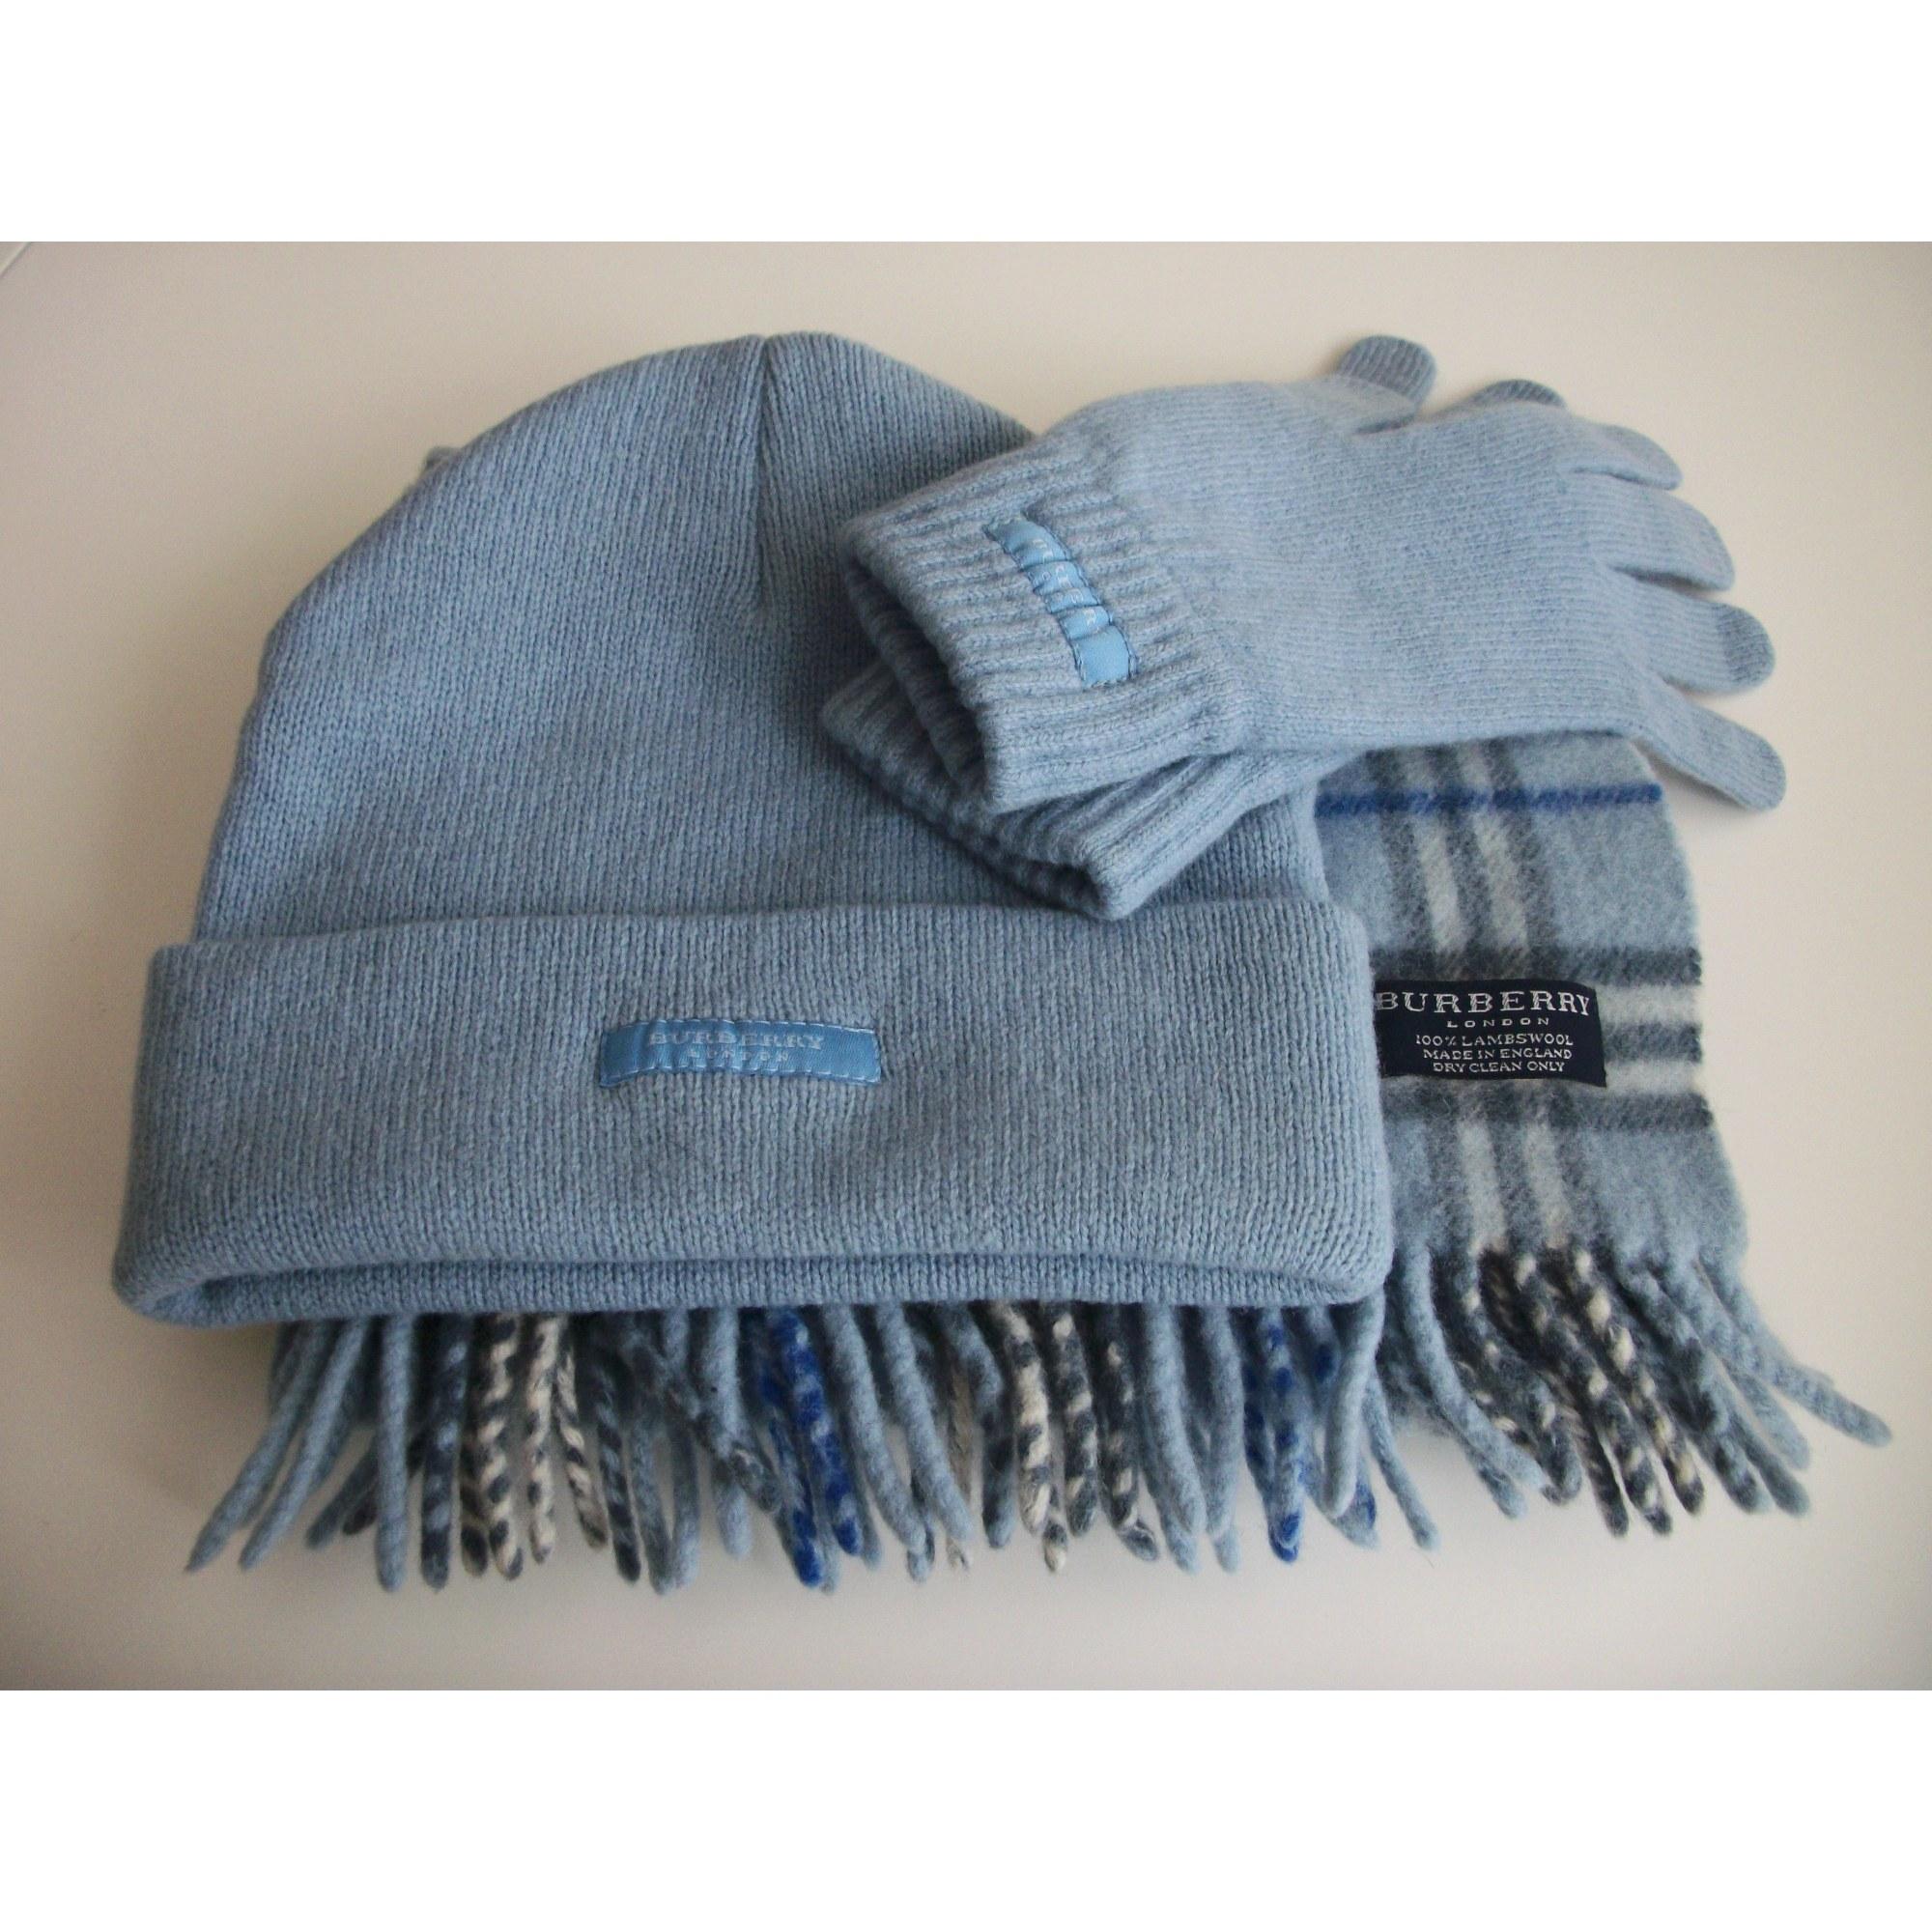 Echarpe BURBERRY bleu vendu par Paillette - 7021177 687d39da412